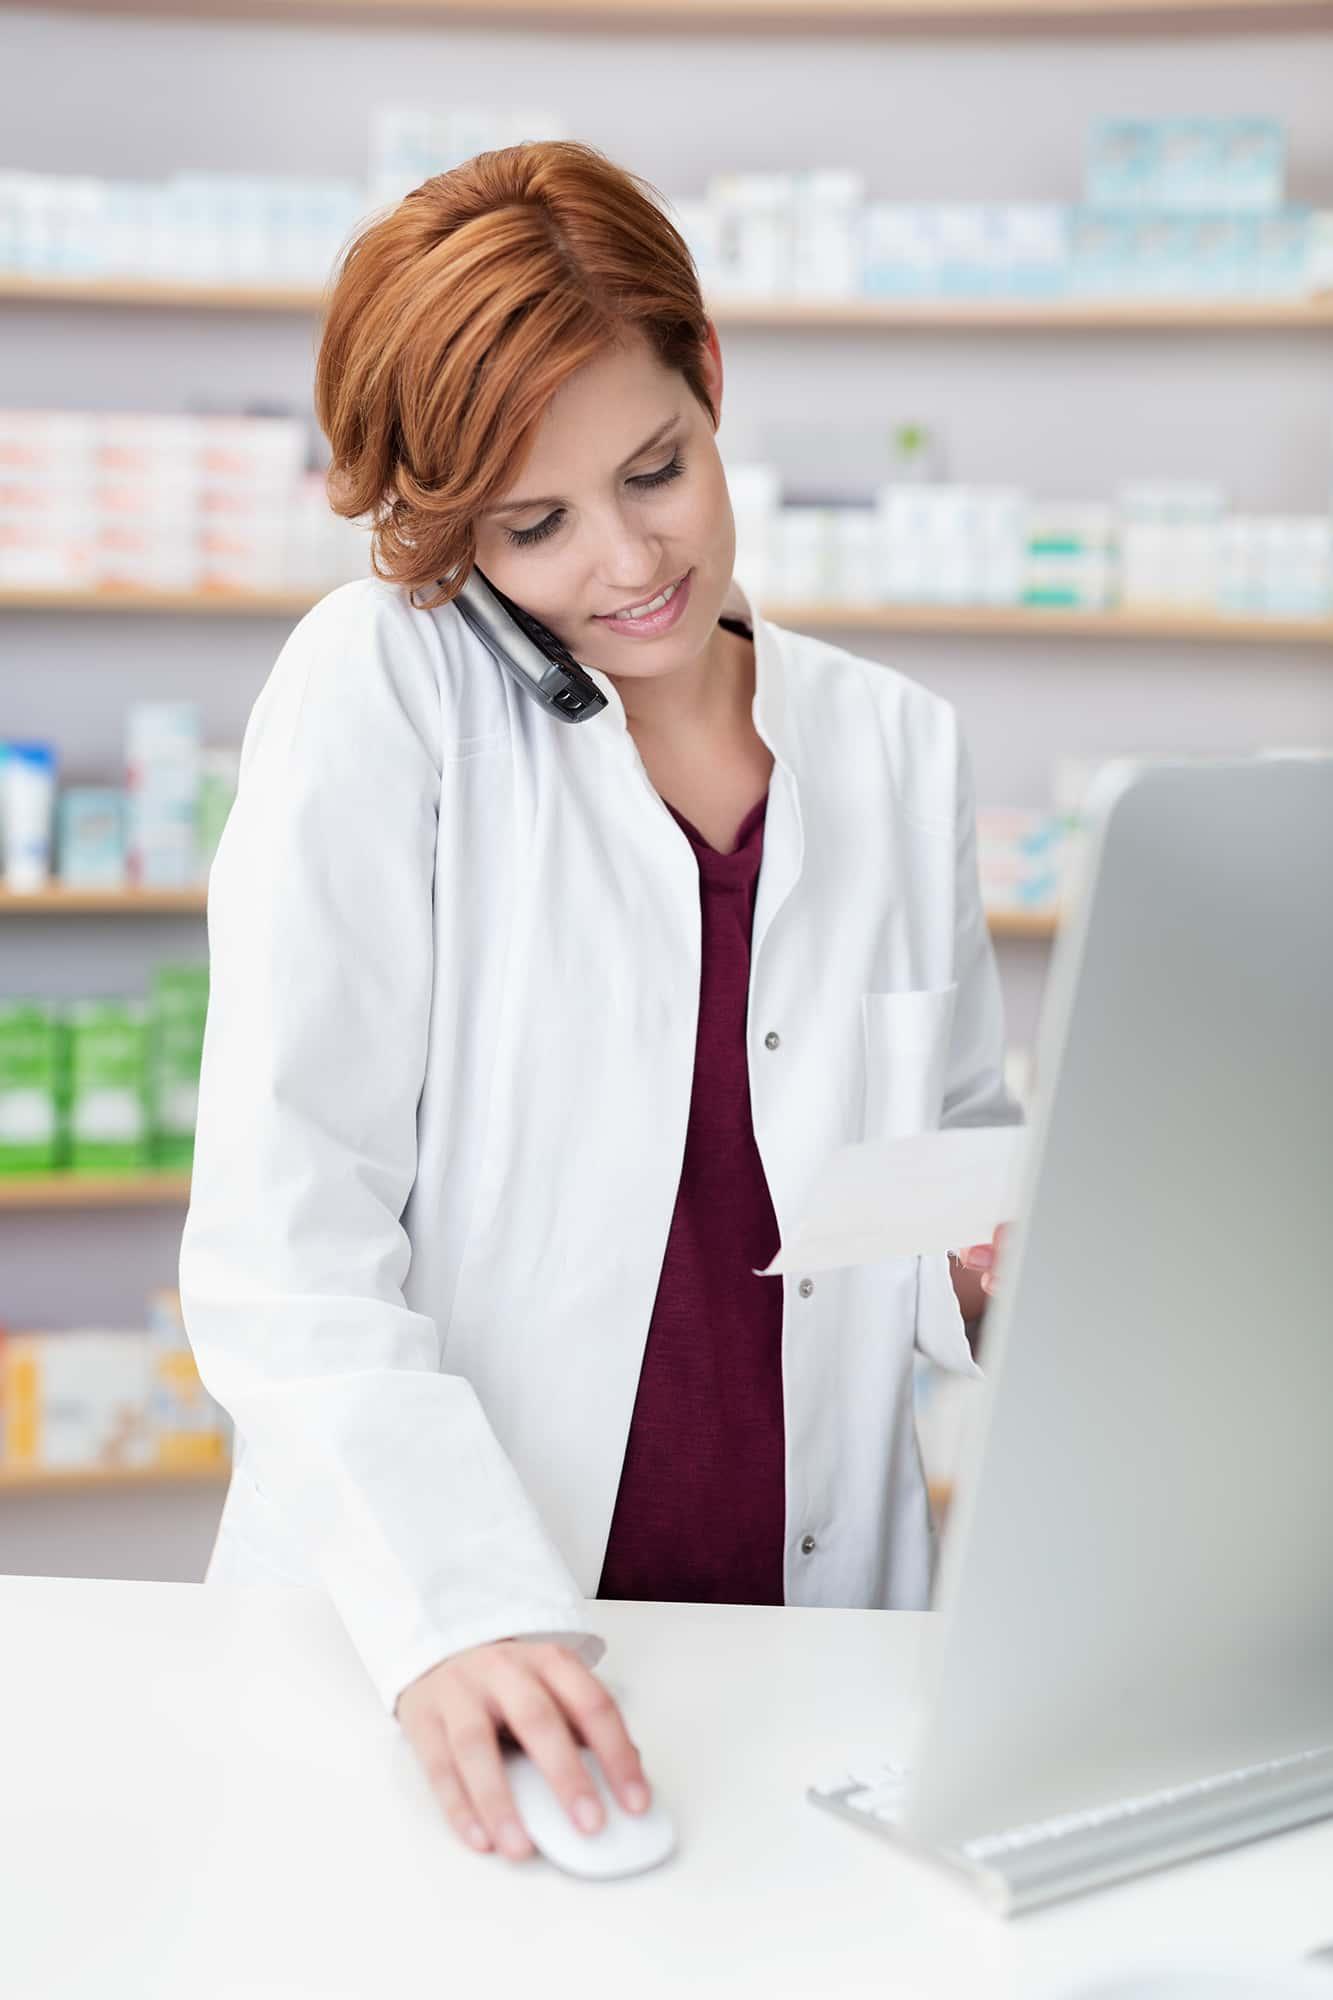 Farmacia Nuti - Un farmacista online a tua completa disposizione